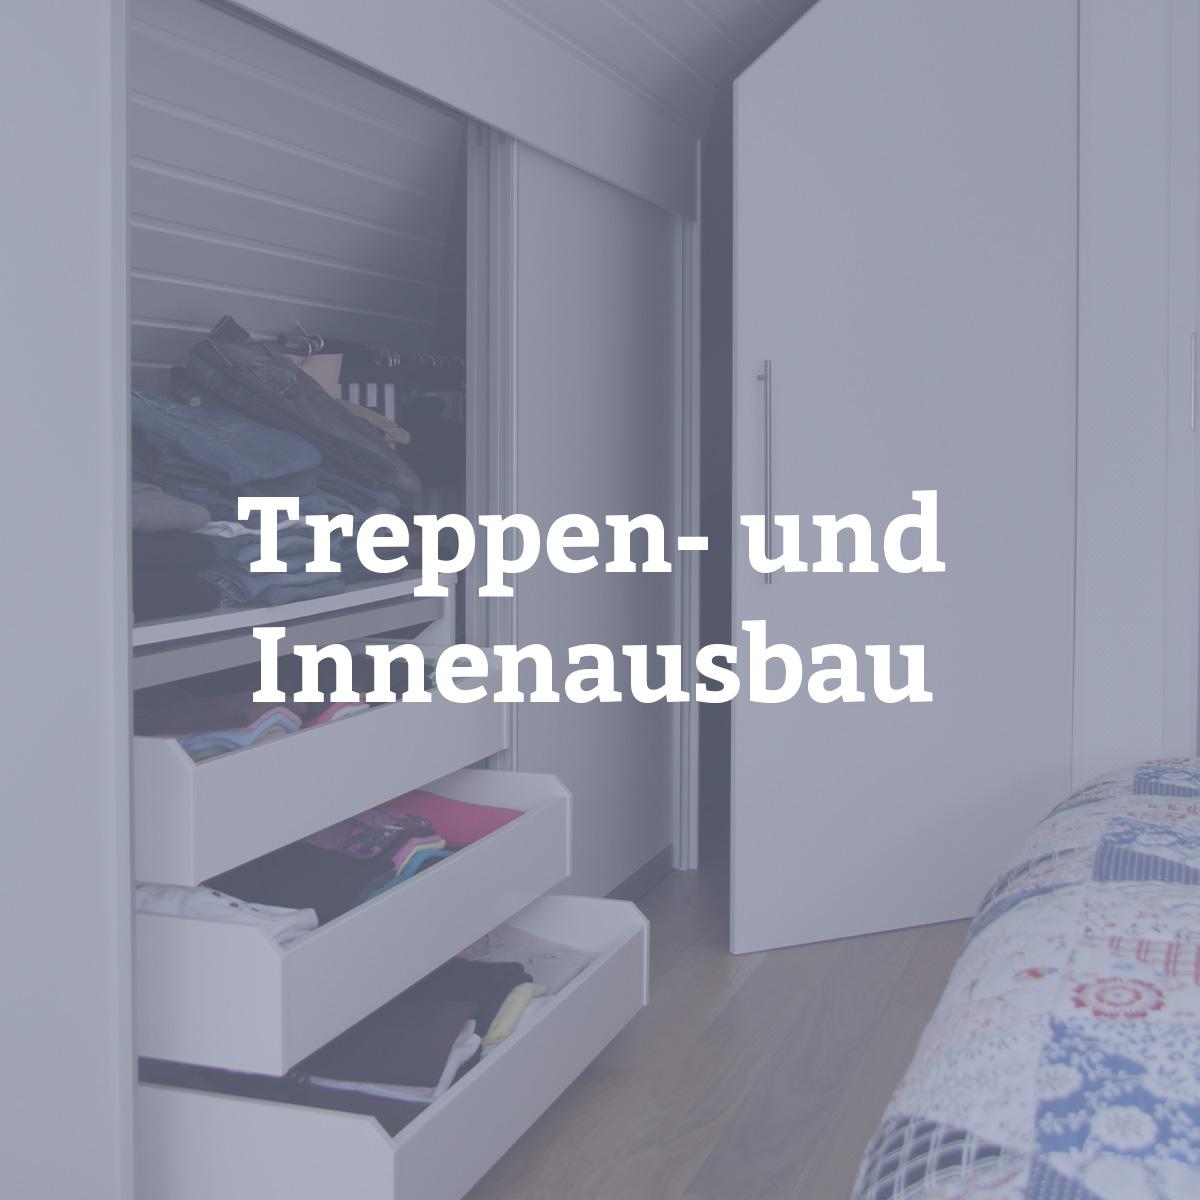 schreinerei_oliver_engelmann_ratingen_moebel_holz_treppenausbau_innenausbau_teaser